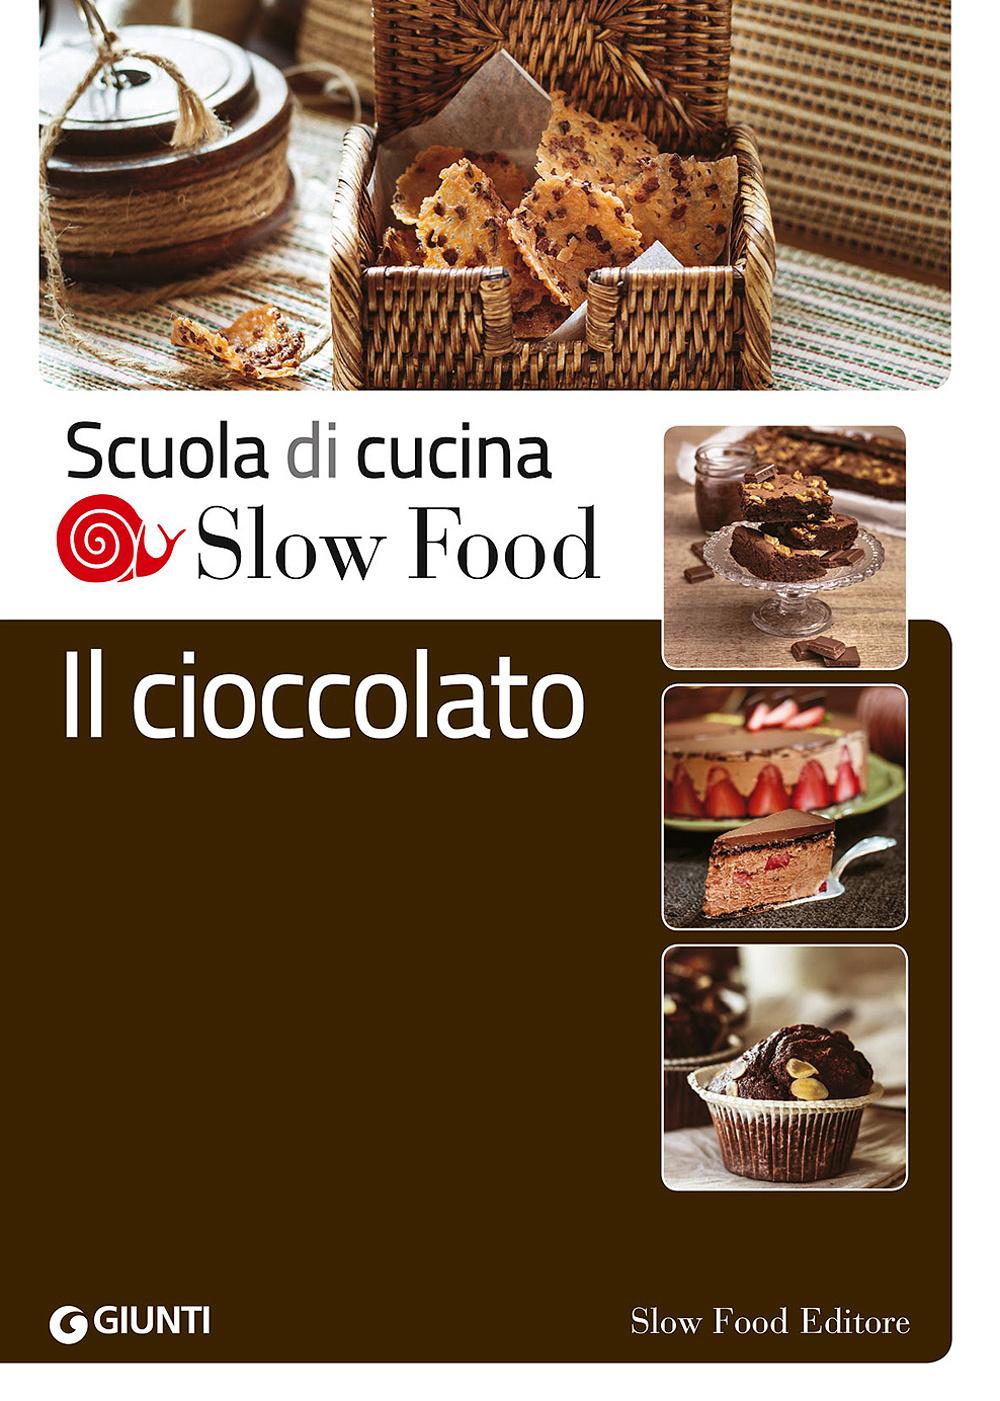 Image of Il cioccolato